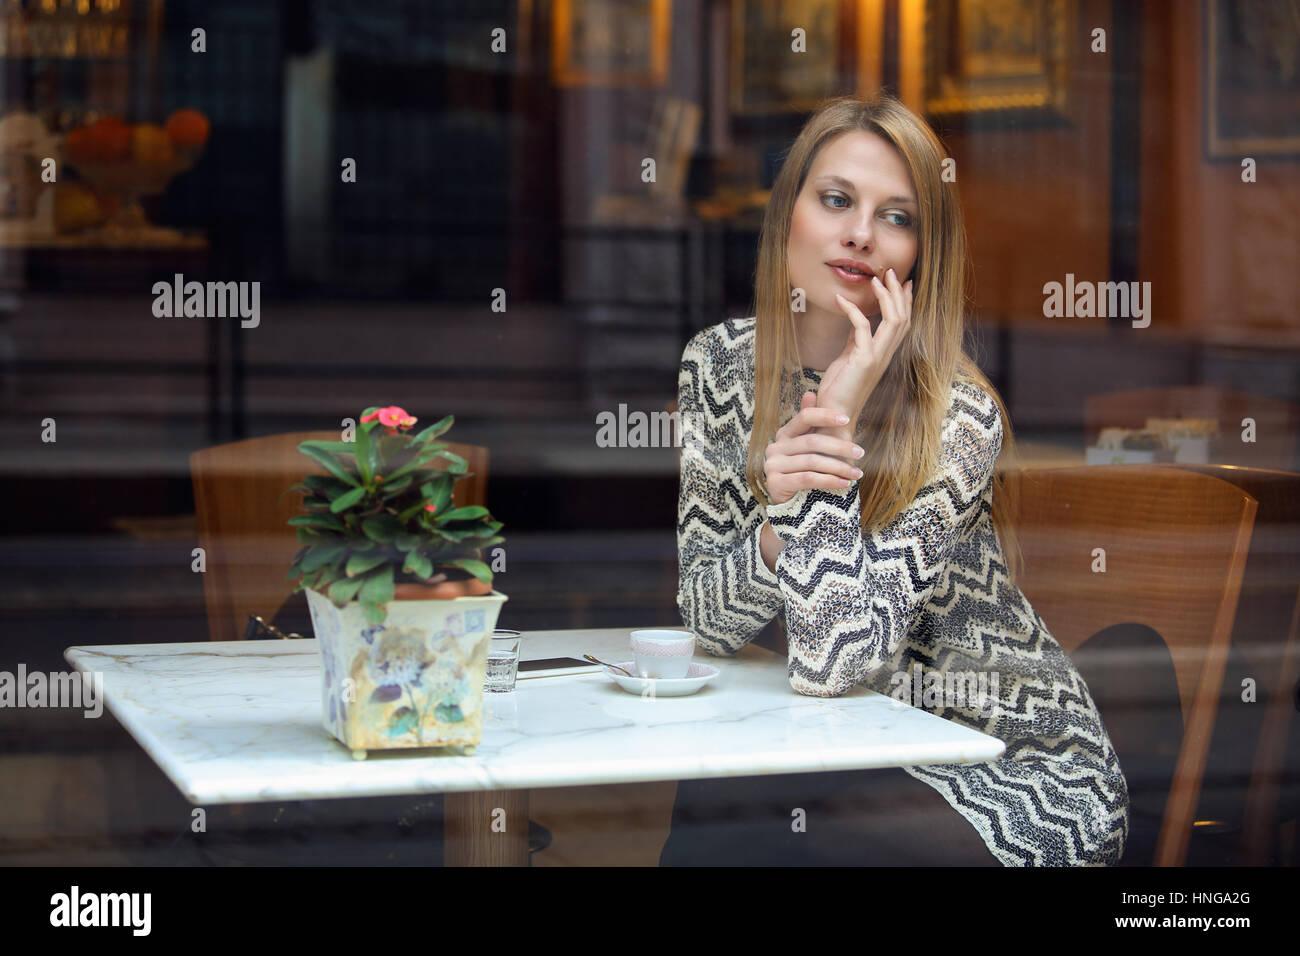 Jeune femme élégante dans un café chic. Tourné en milieu urbain Photo Stock